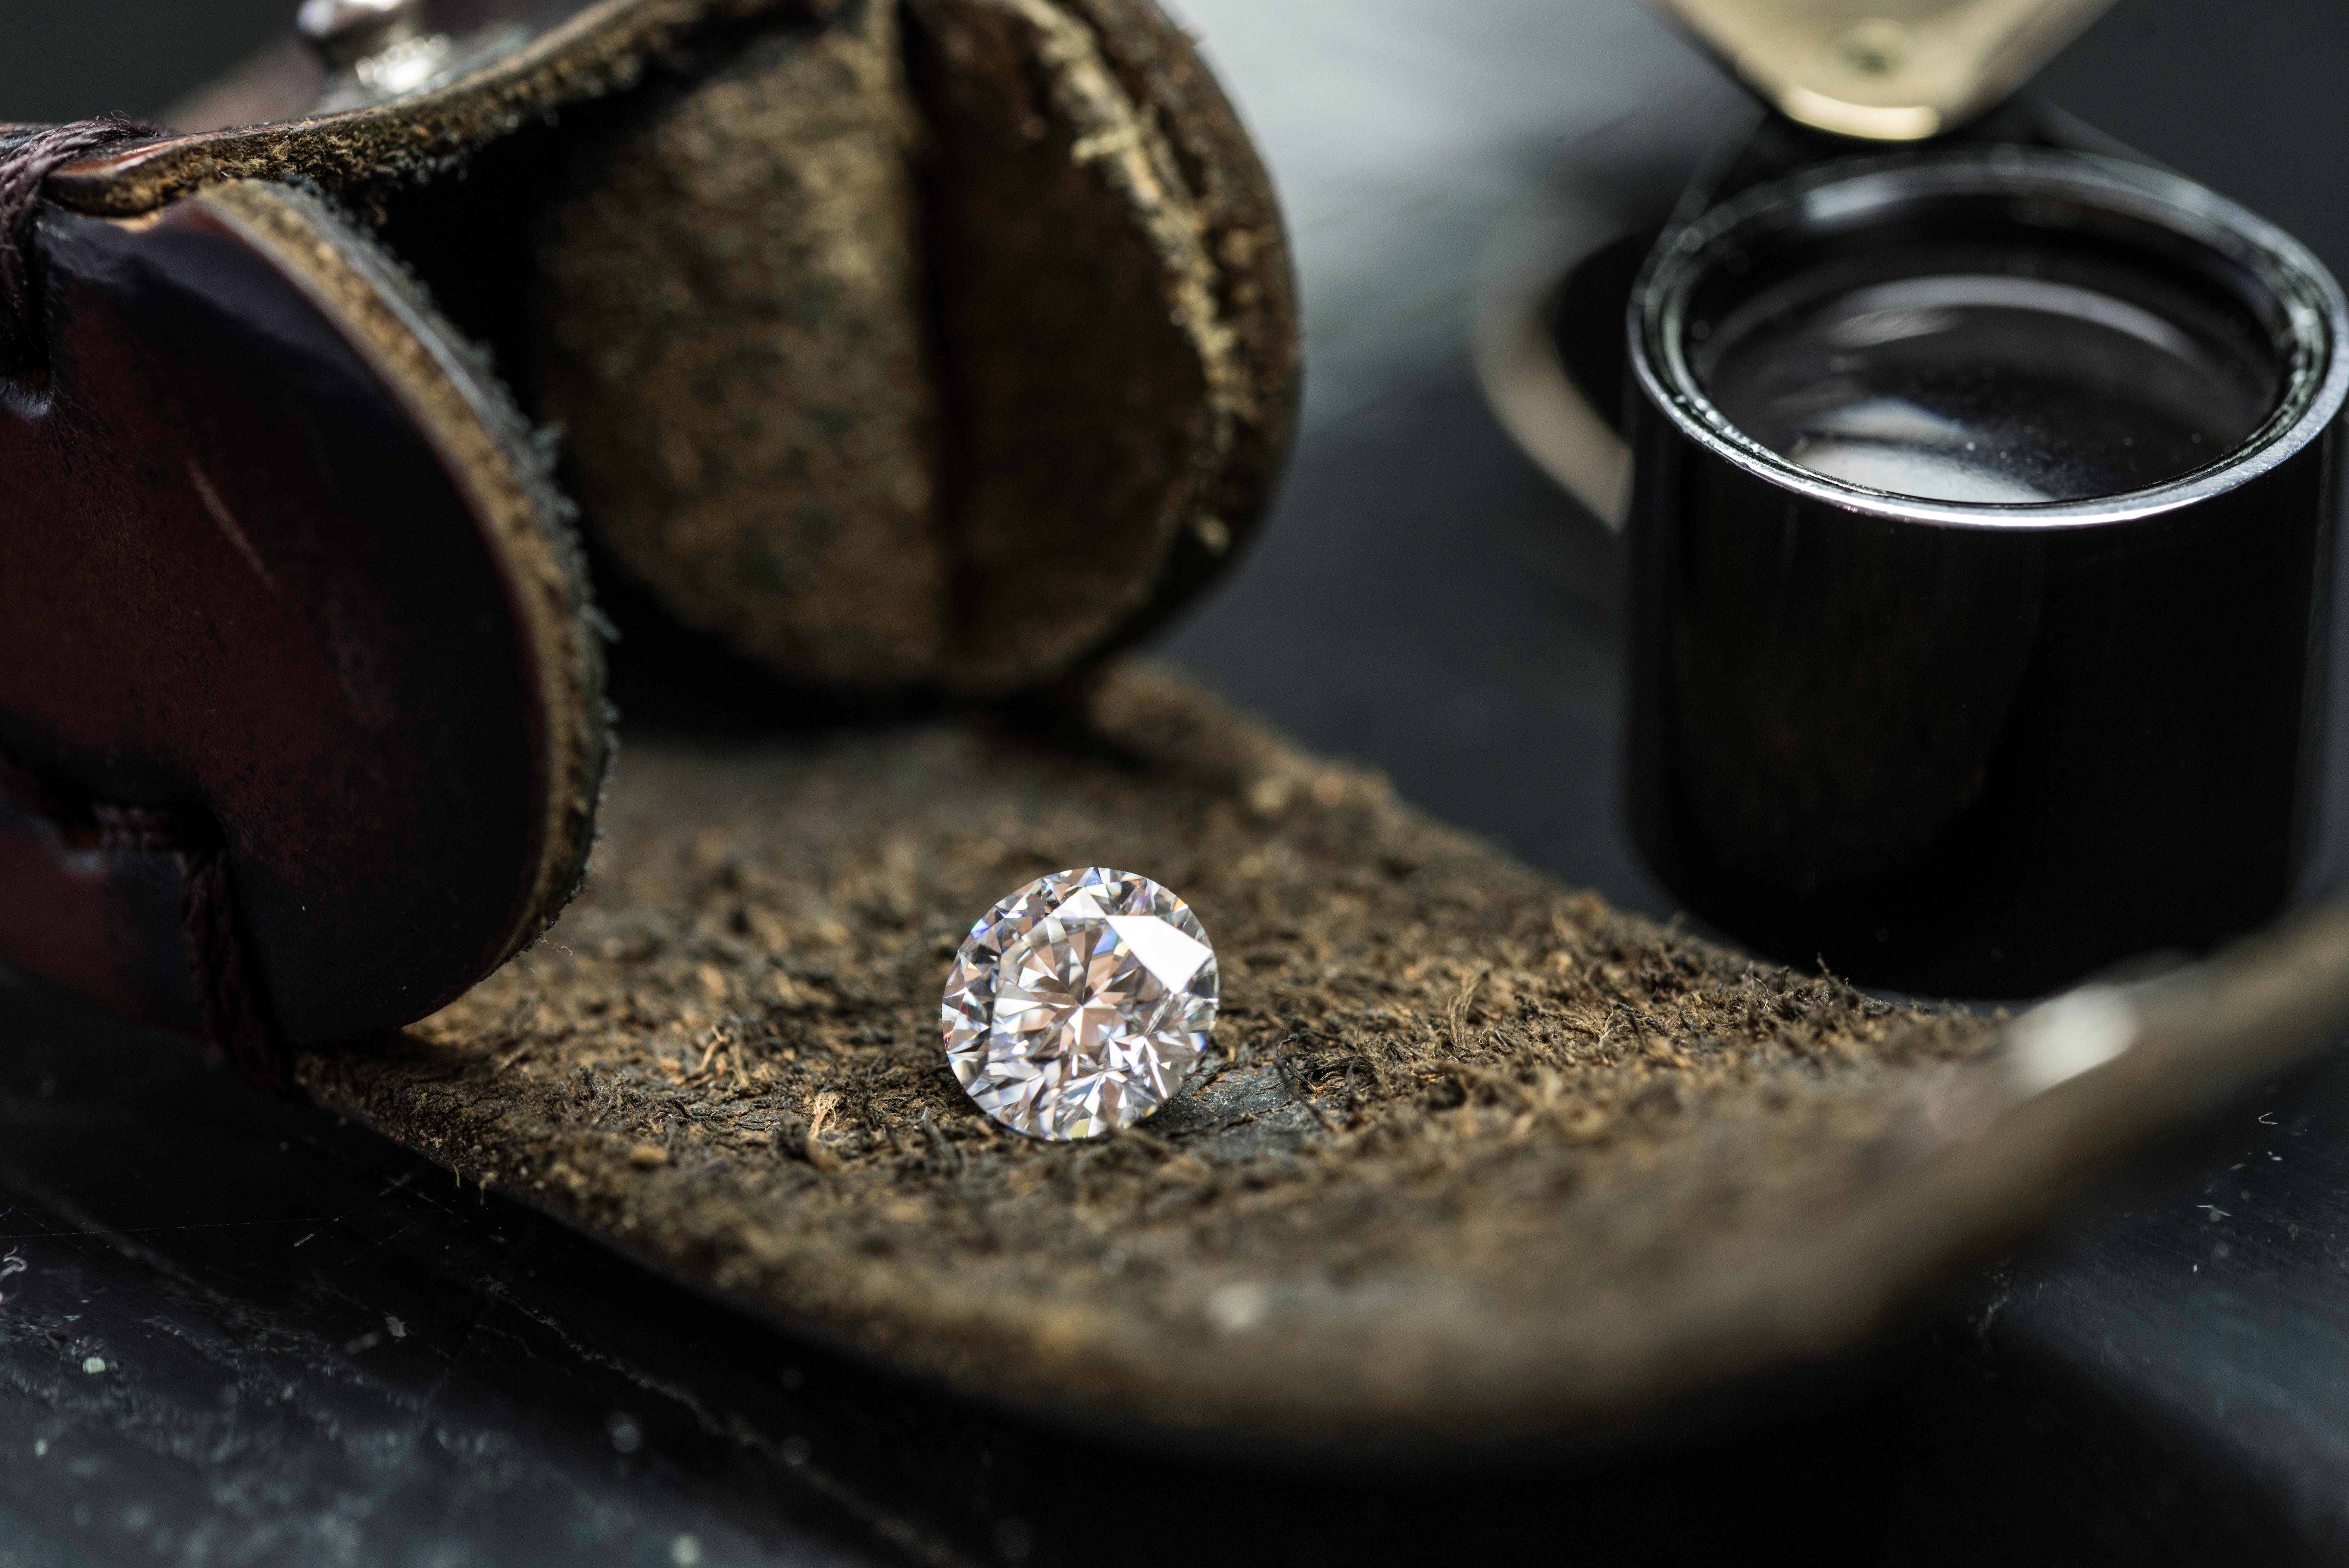 Engagement / Wedding Ring Viewing